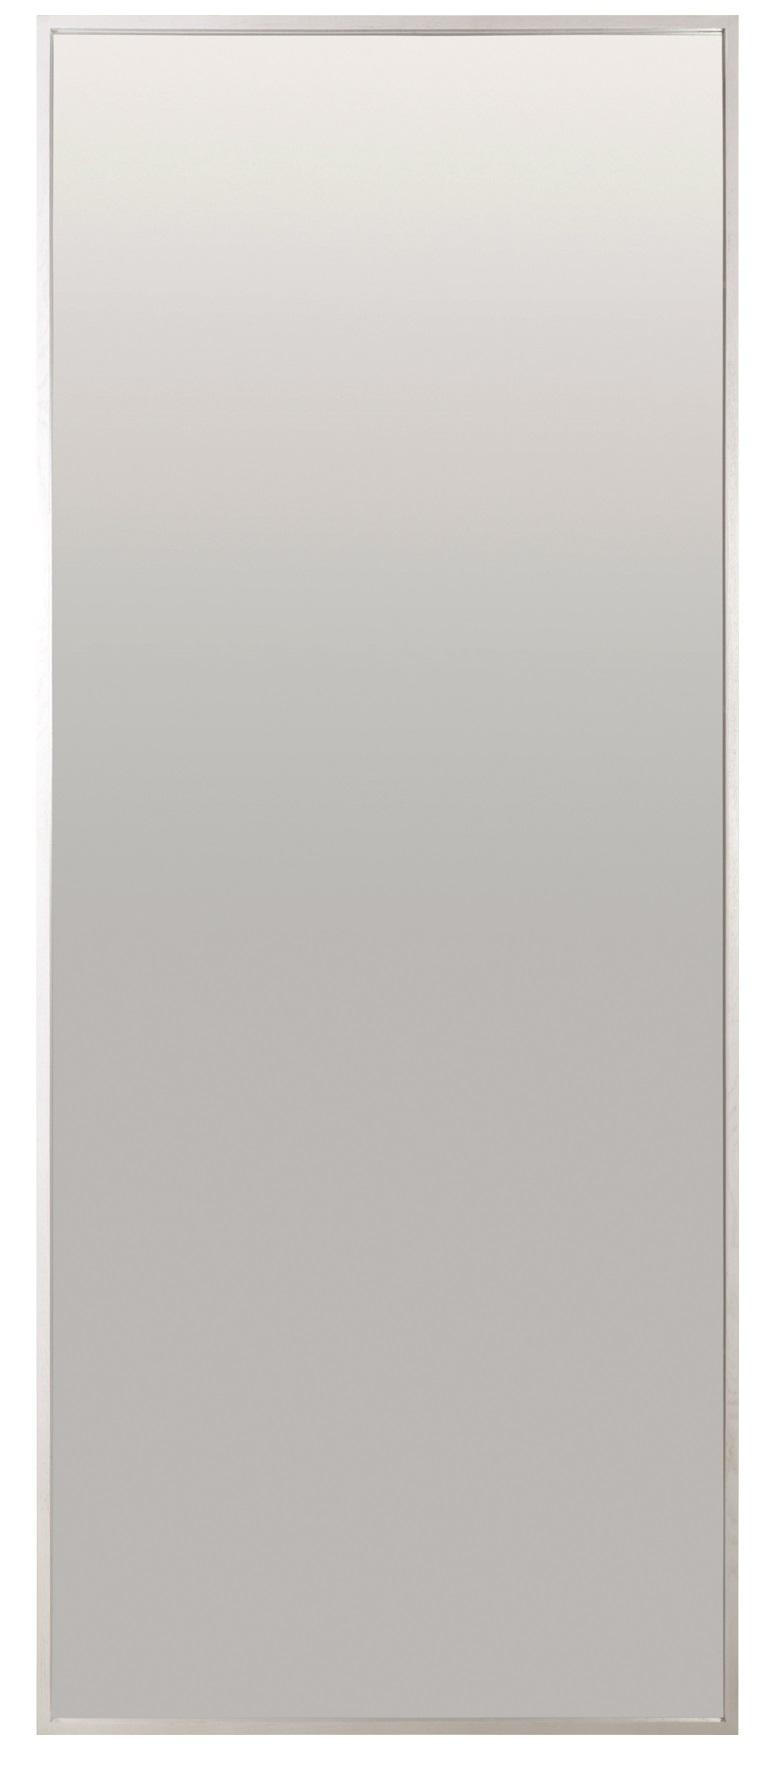 Box spegel - Vit